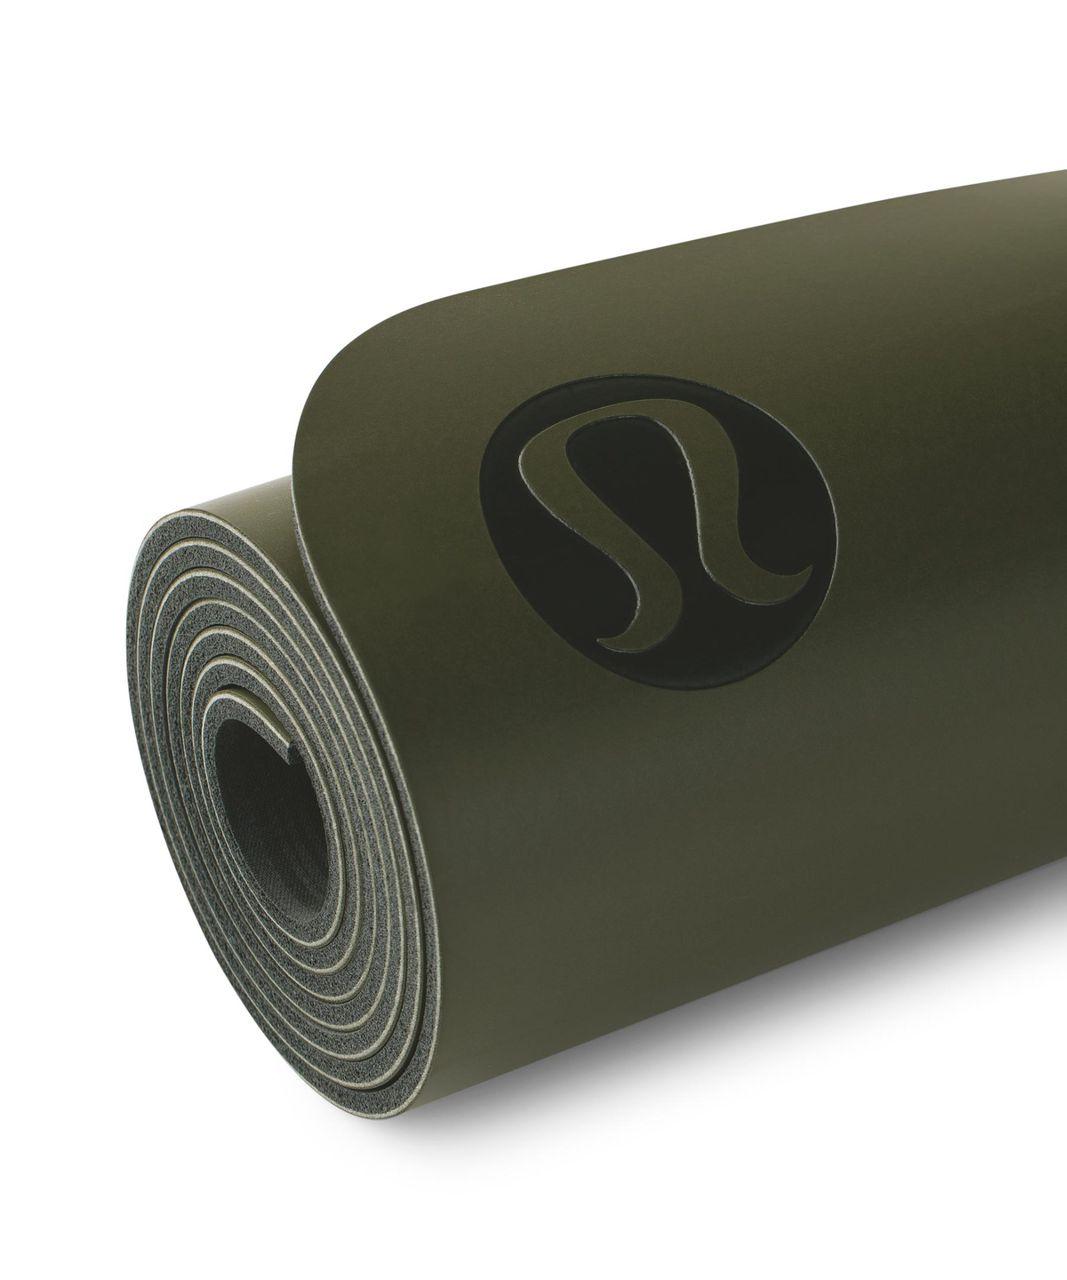 Lululemon The Mat - Fatigue Green / Deep Coal